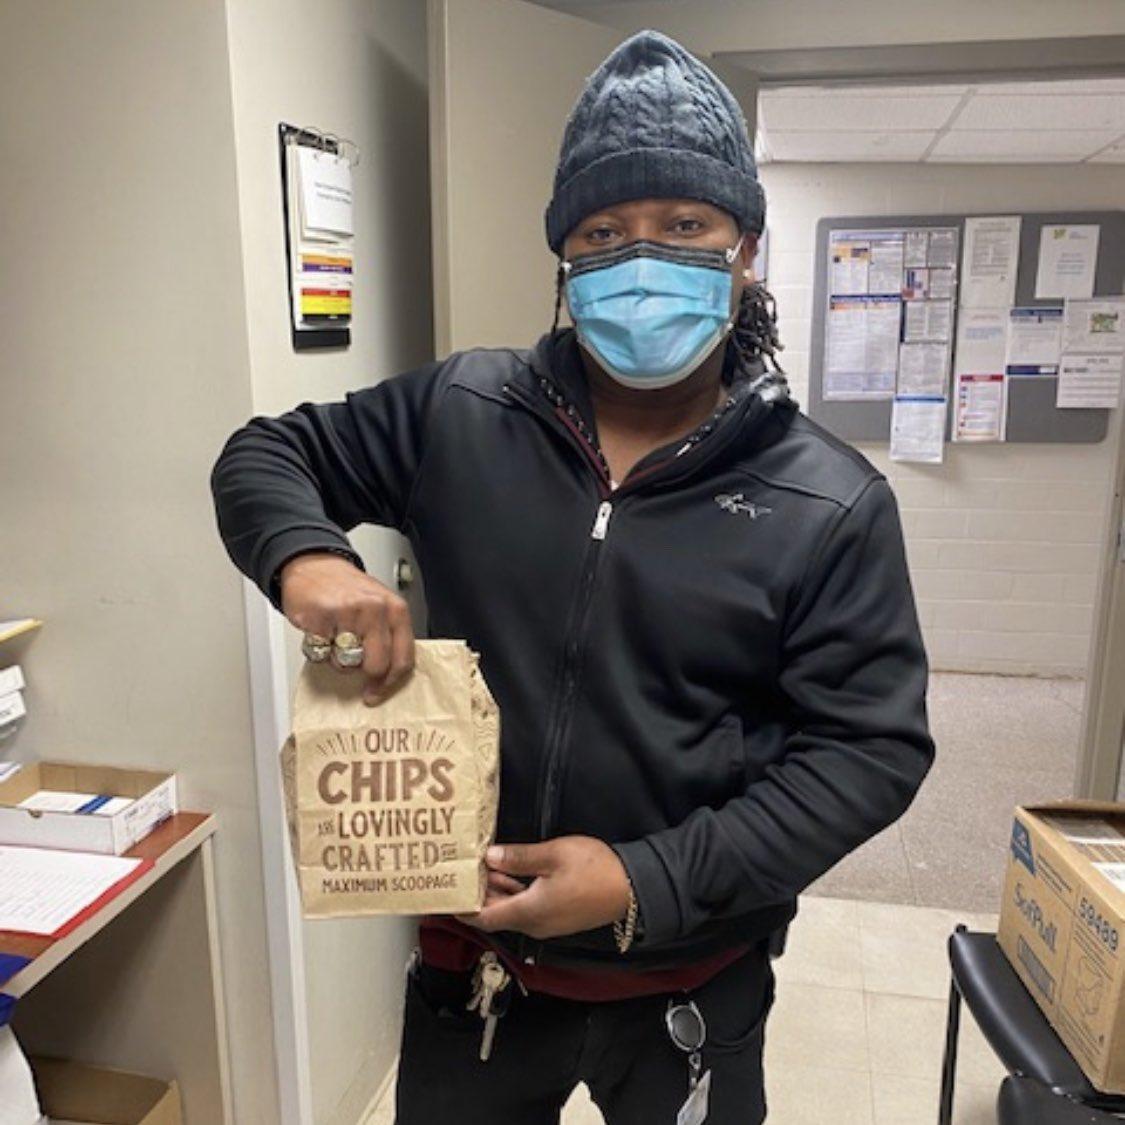 卡雷娜-凯尔特人新秀兰福德为当地医院医护工作者捐赠食物